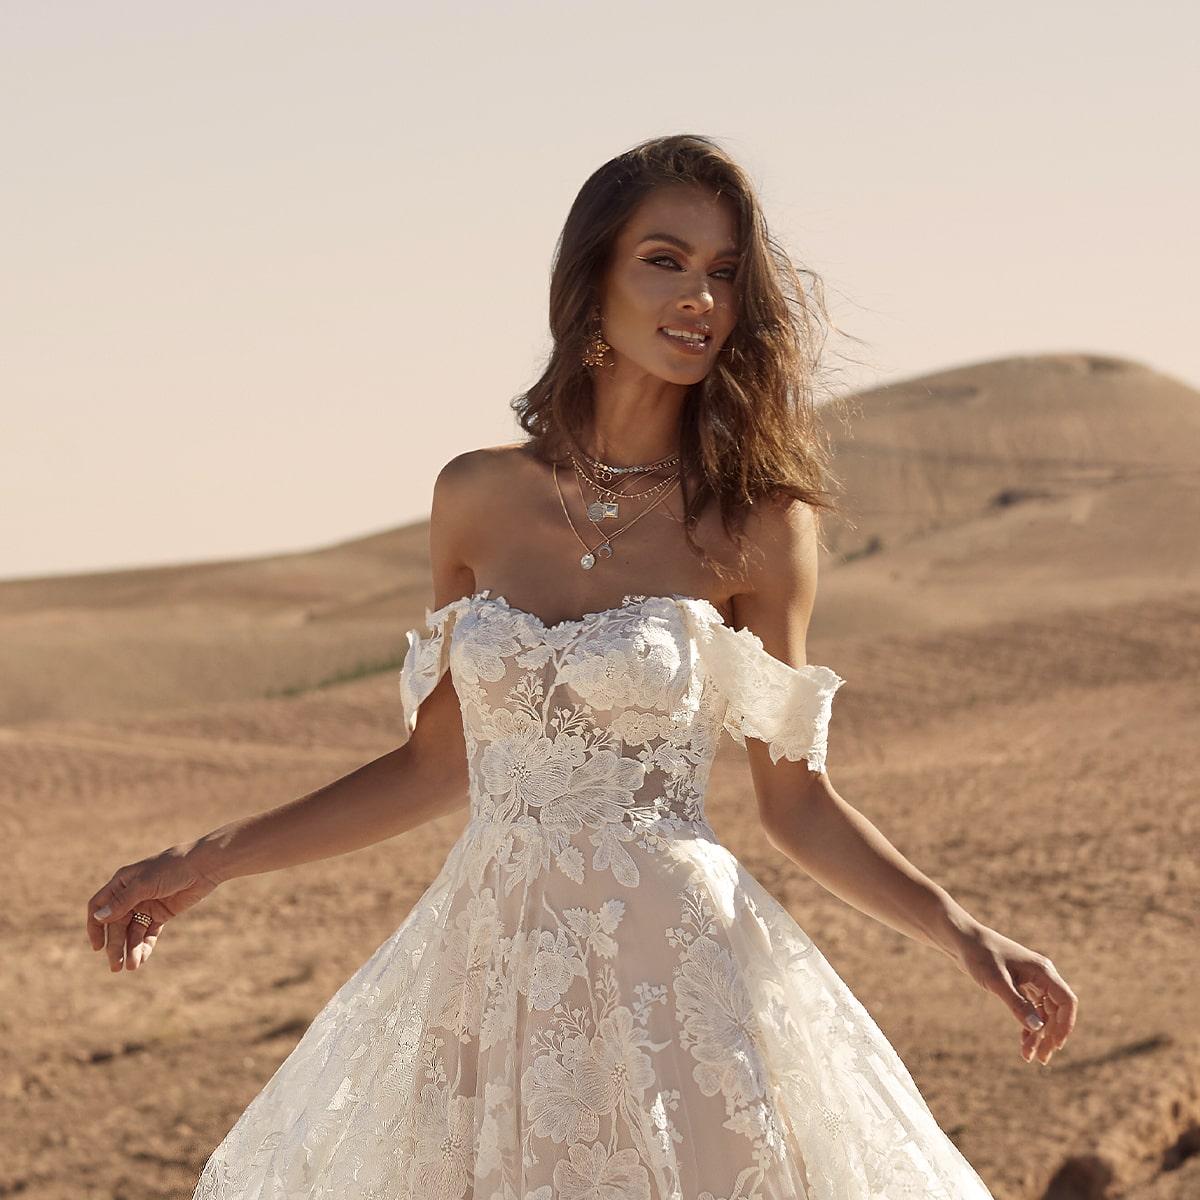 Off Shoulder Wedding Dress Trends